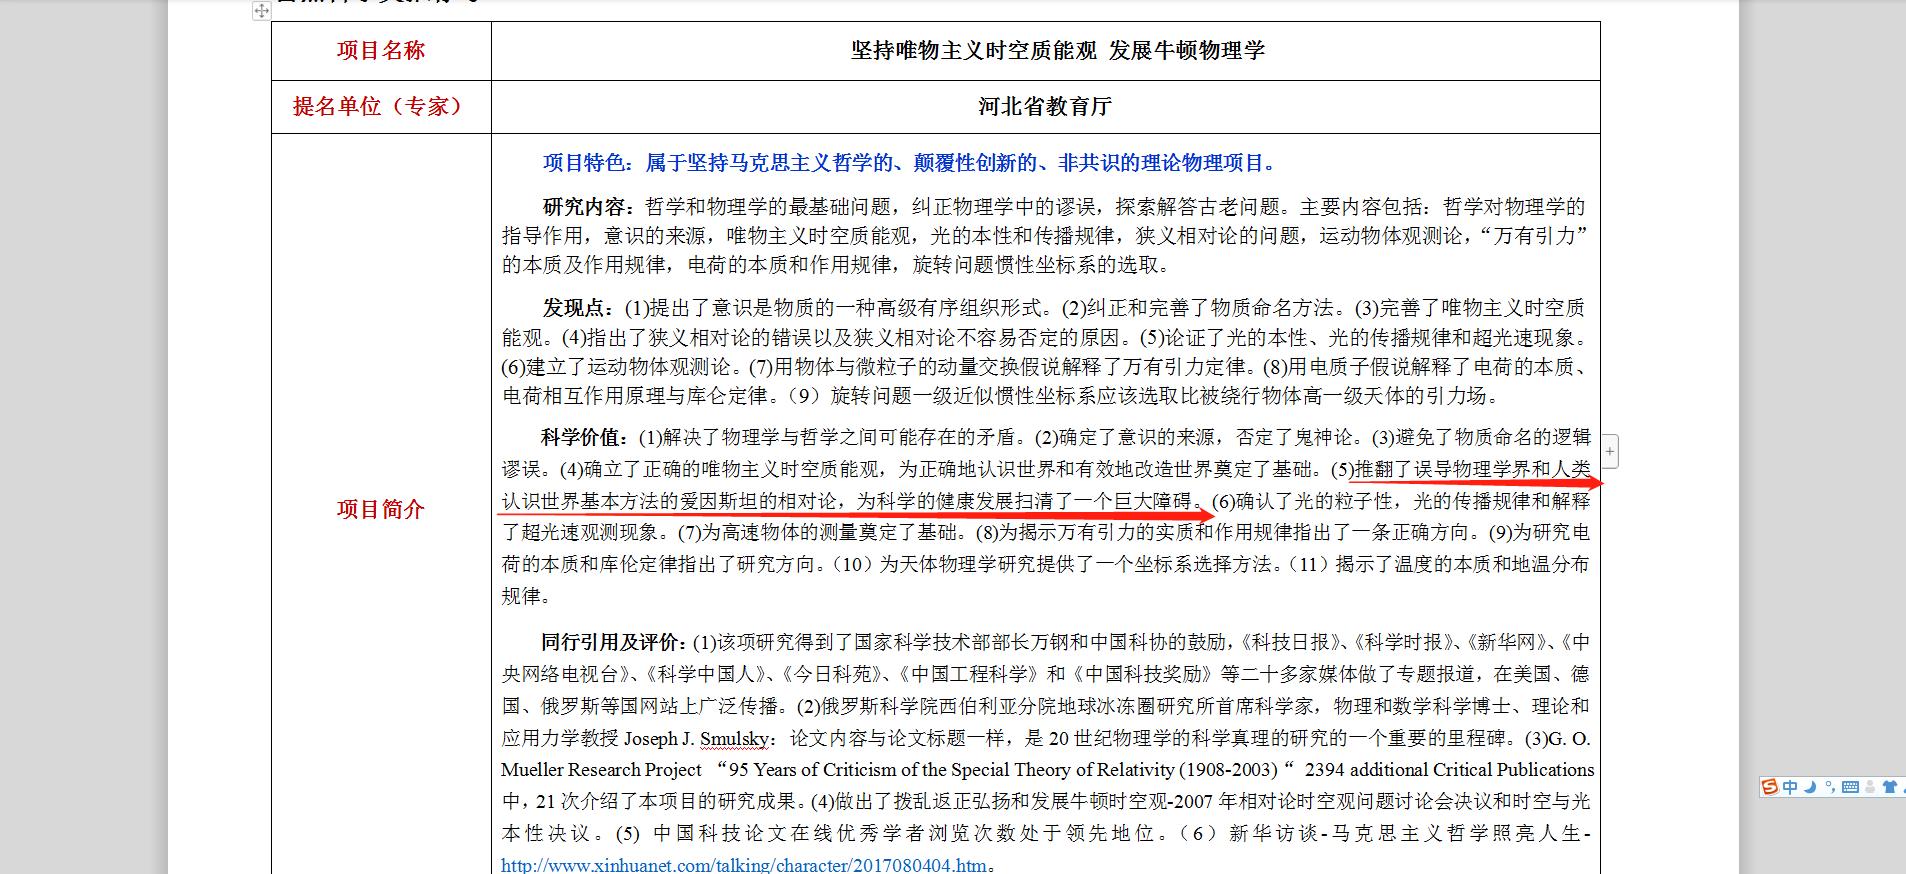 """燕大教授回应""""推翻相对论"""":21年前开始研究 申请立项失败"""